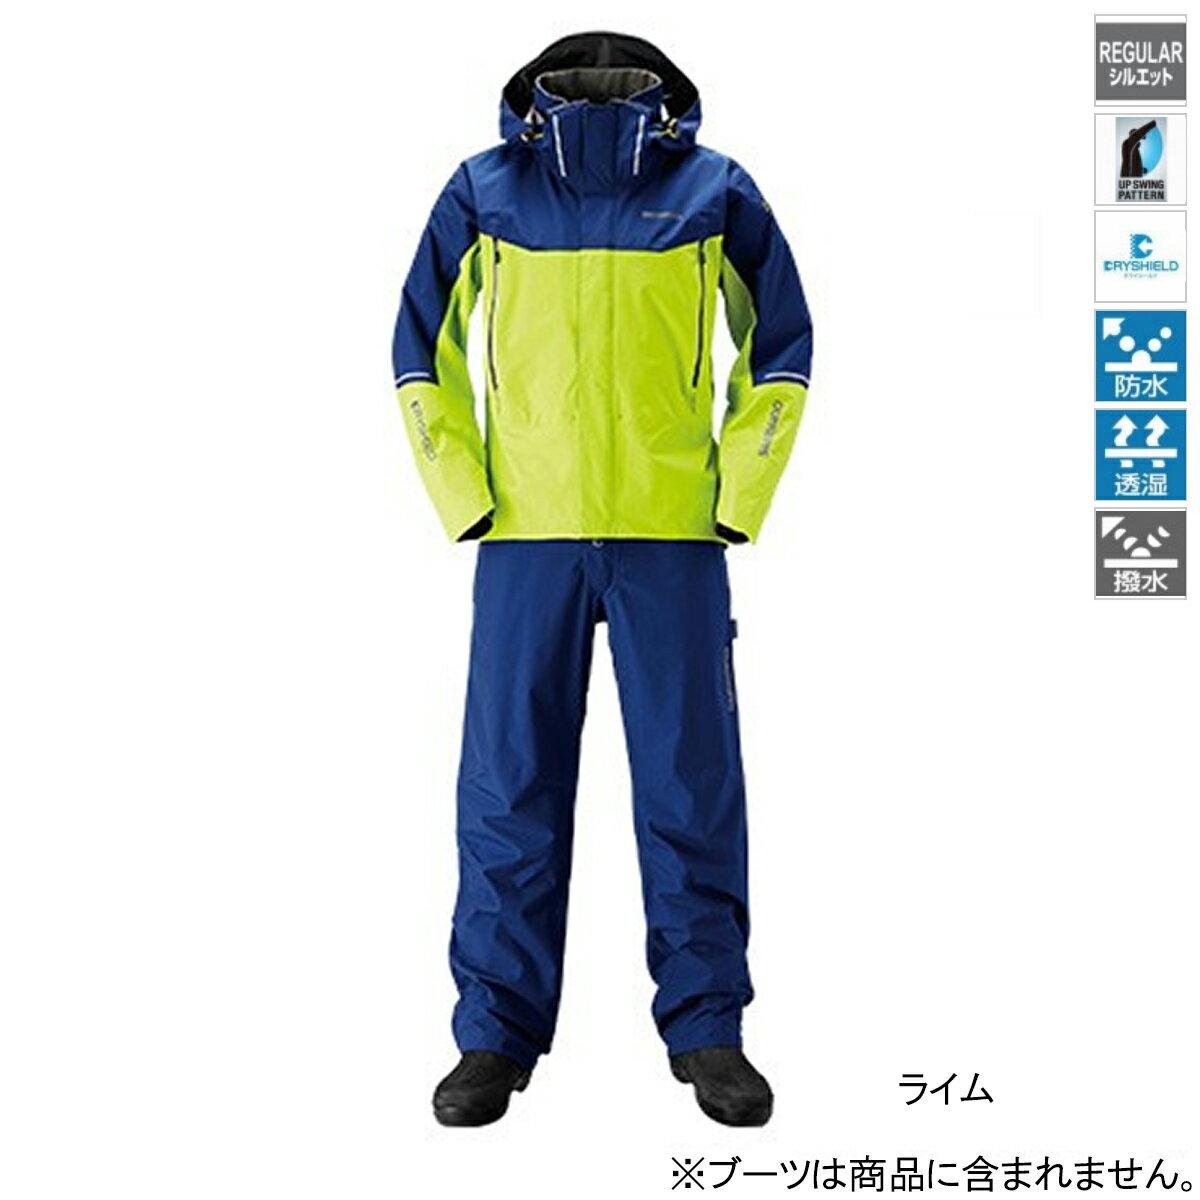 シマノ DSアドバンススーツ RA-025S M ライム【送料無料】